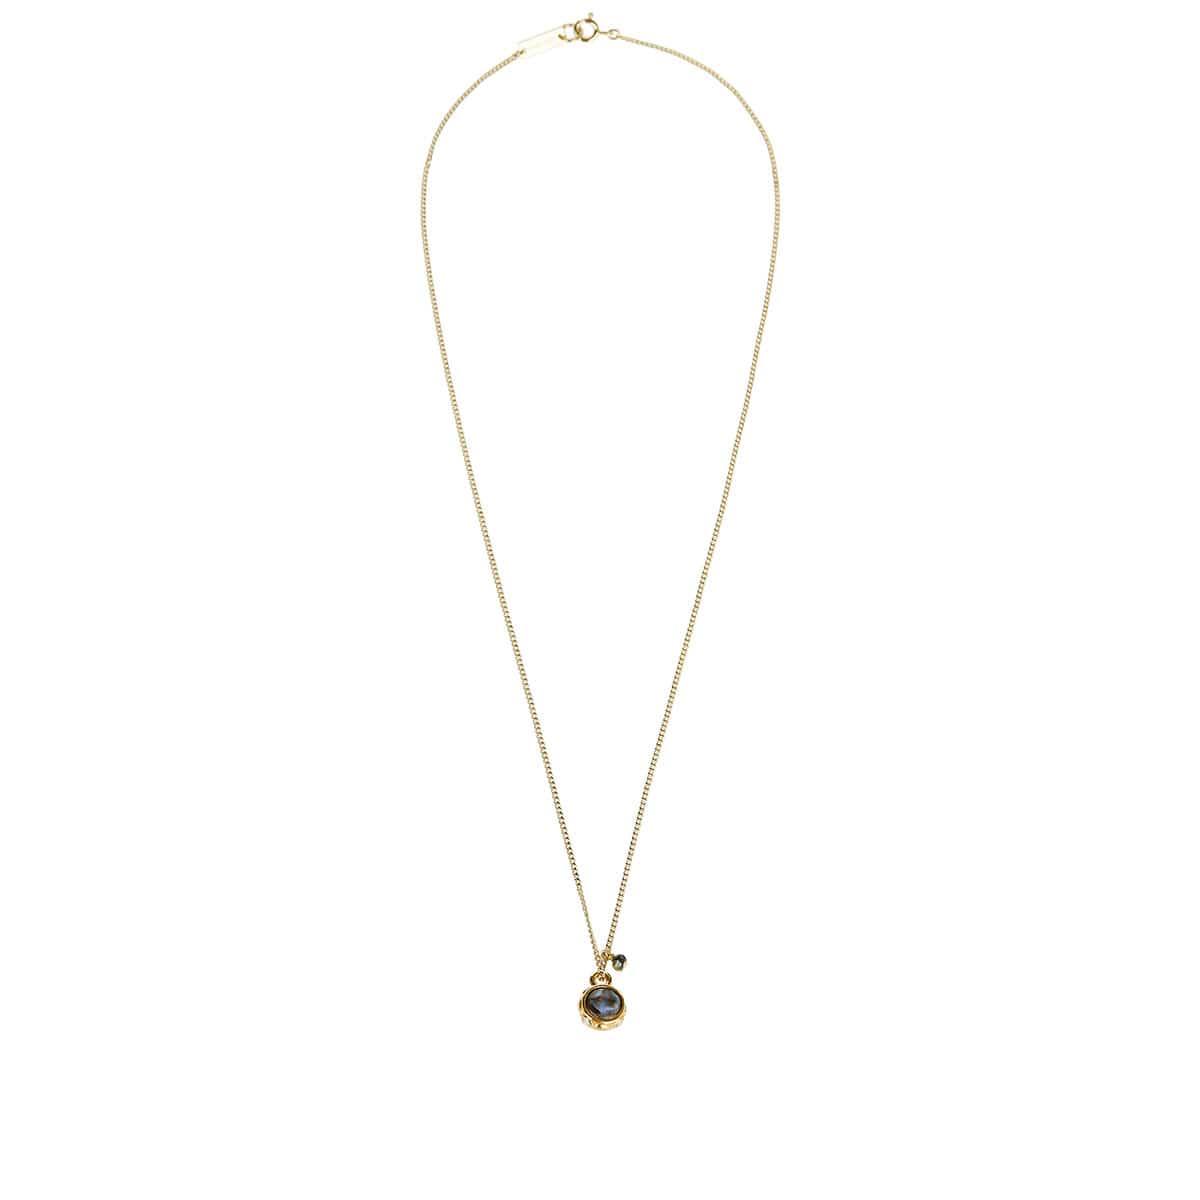 Embellished stone pendant necklace